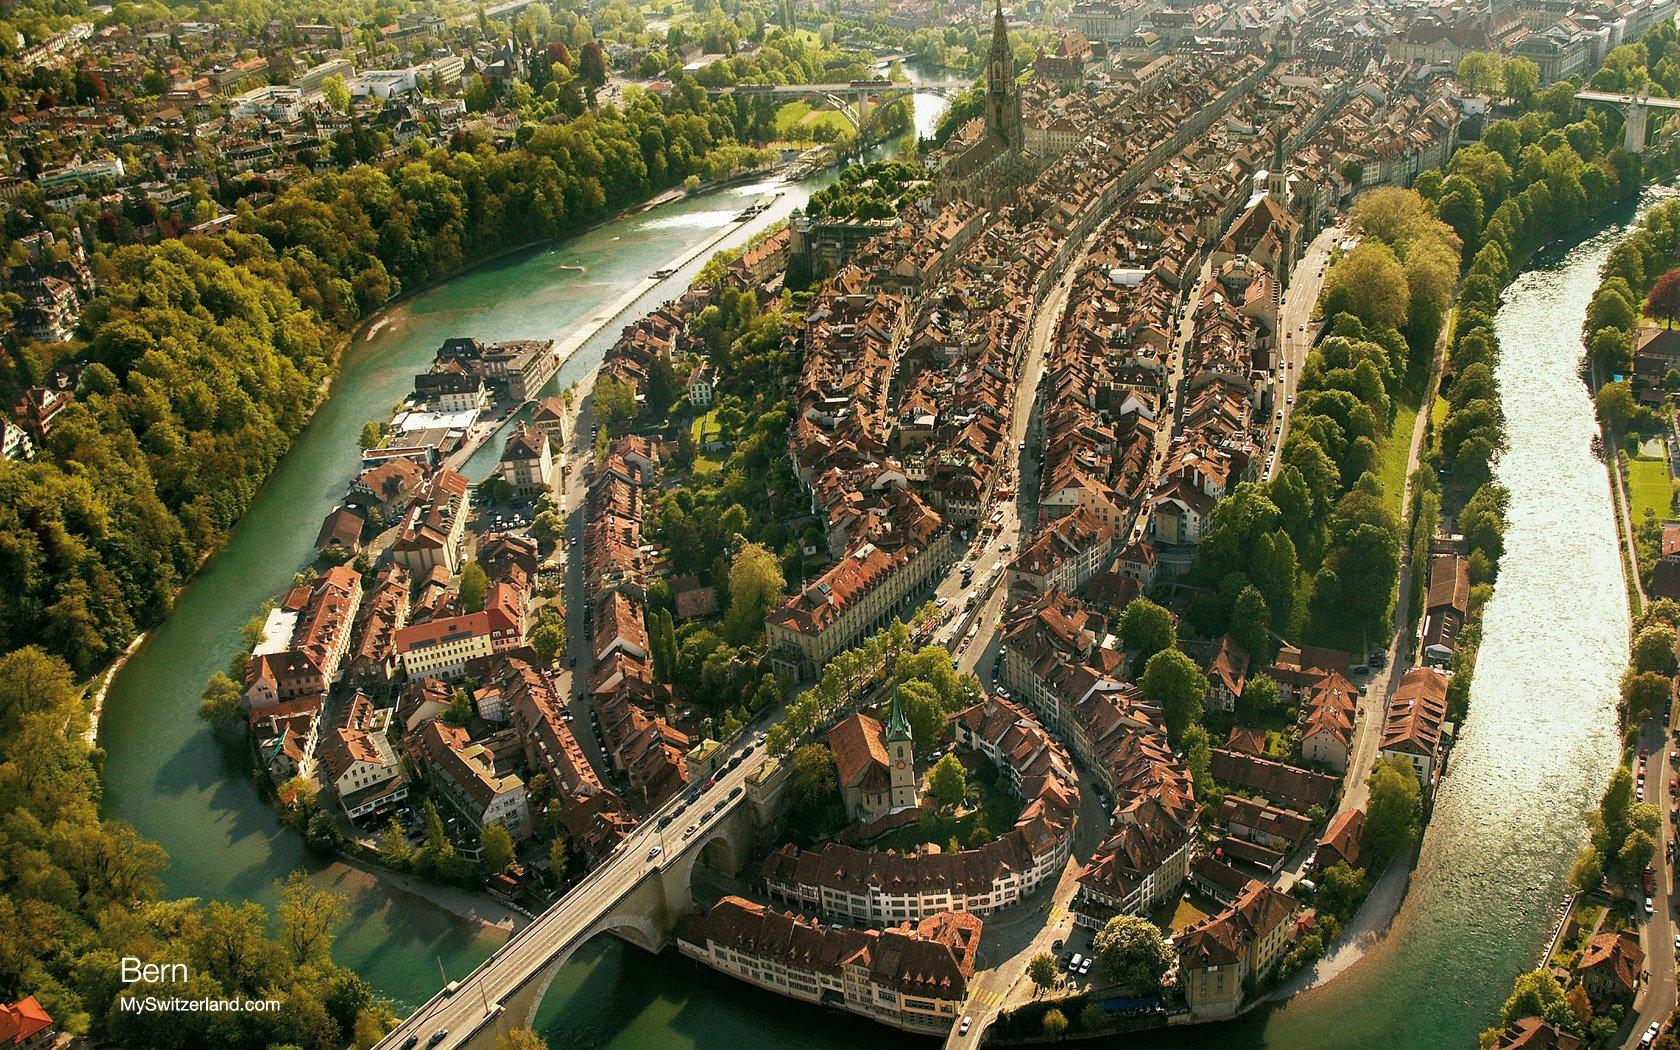 瑞士夏季旅游名胜